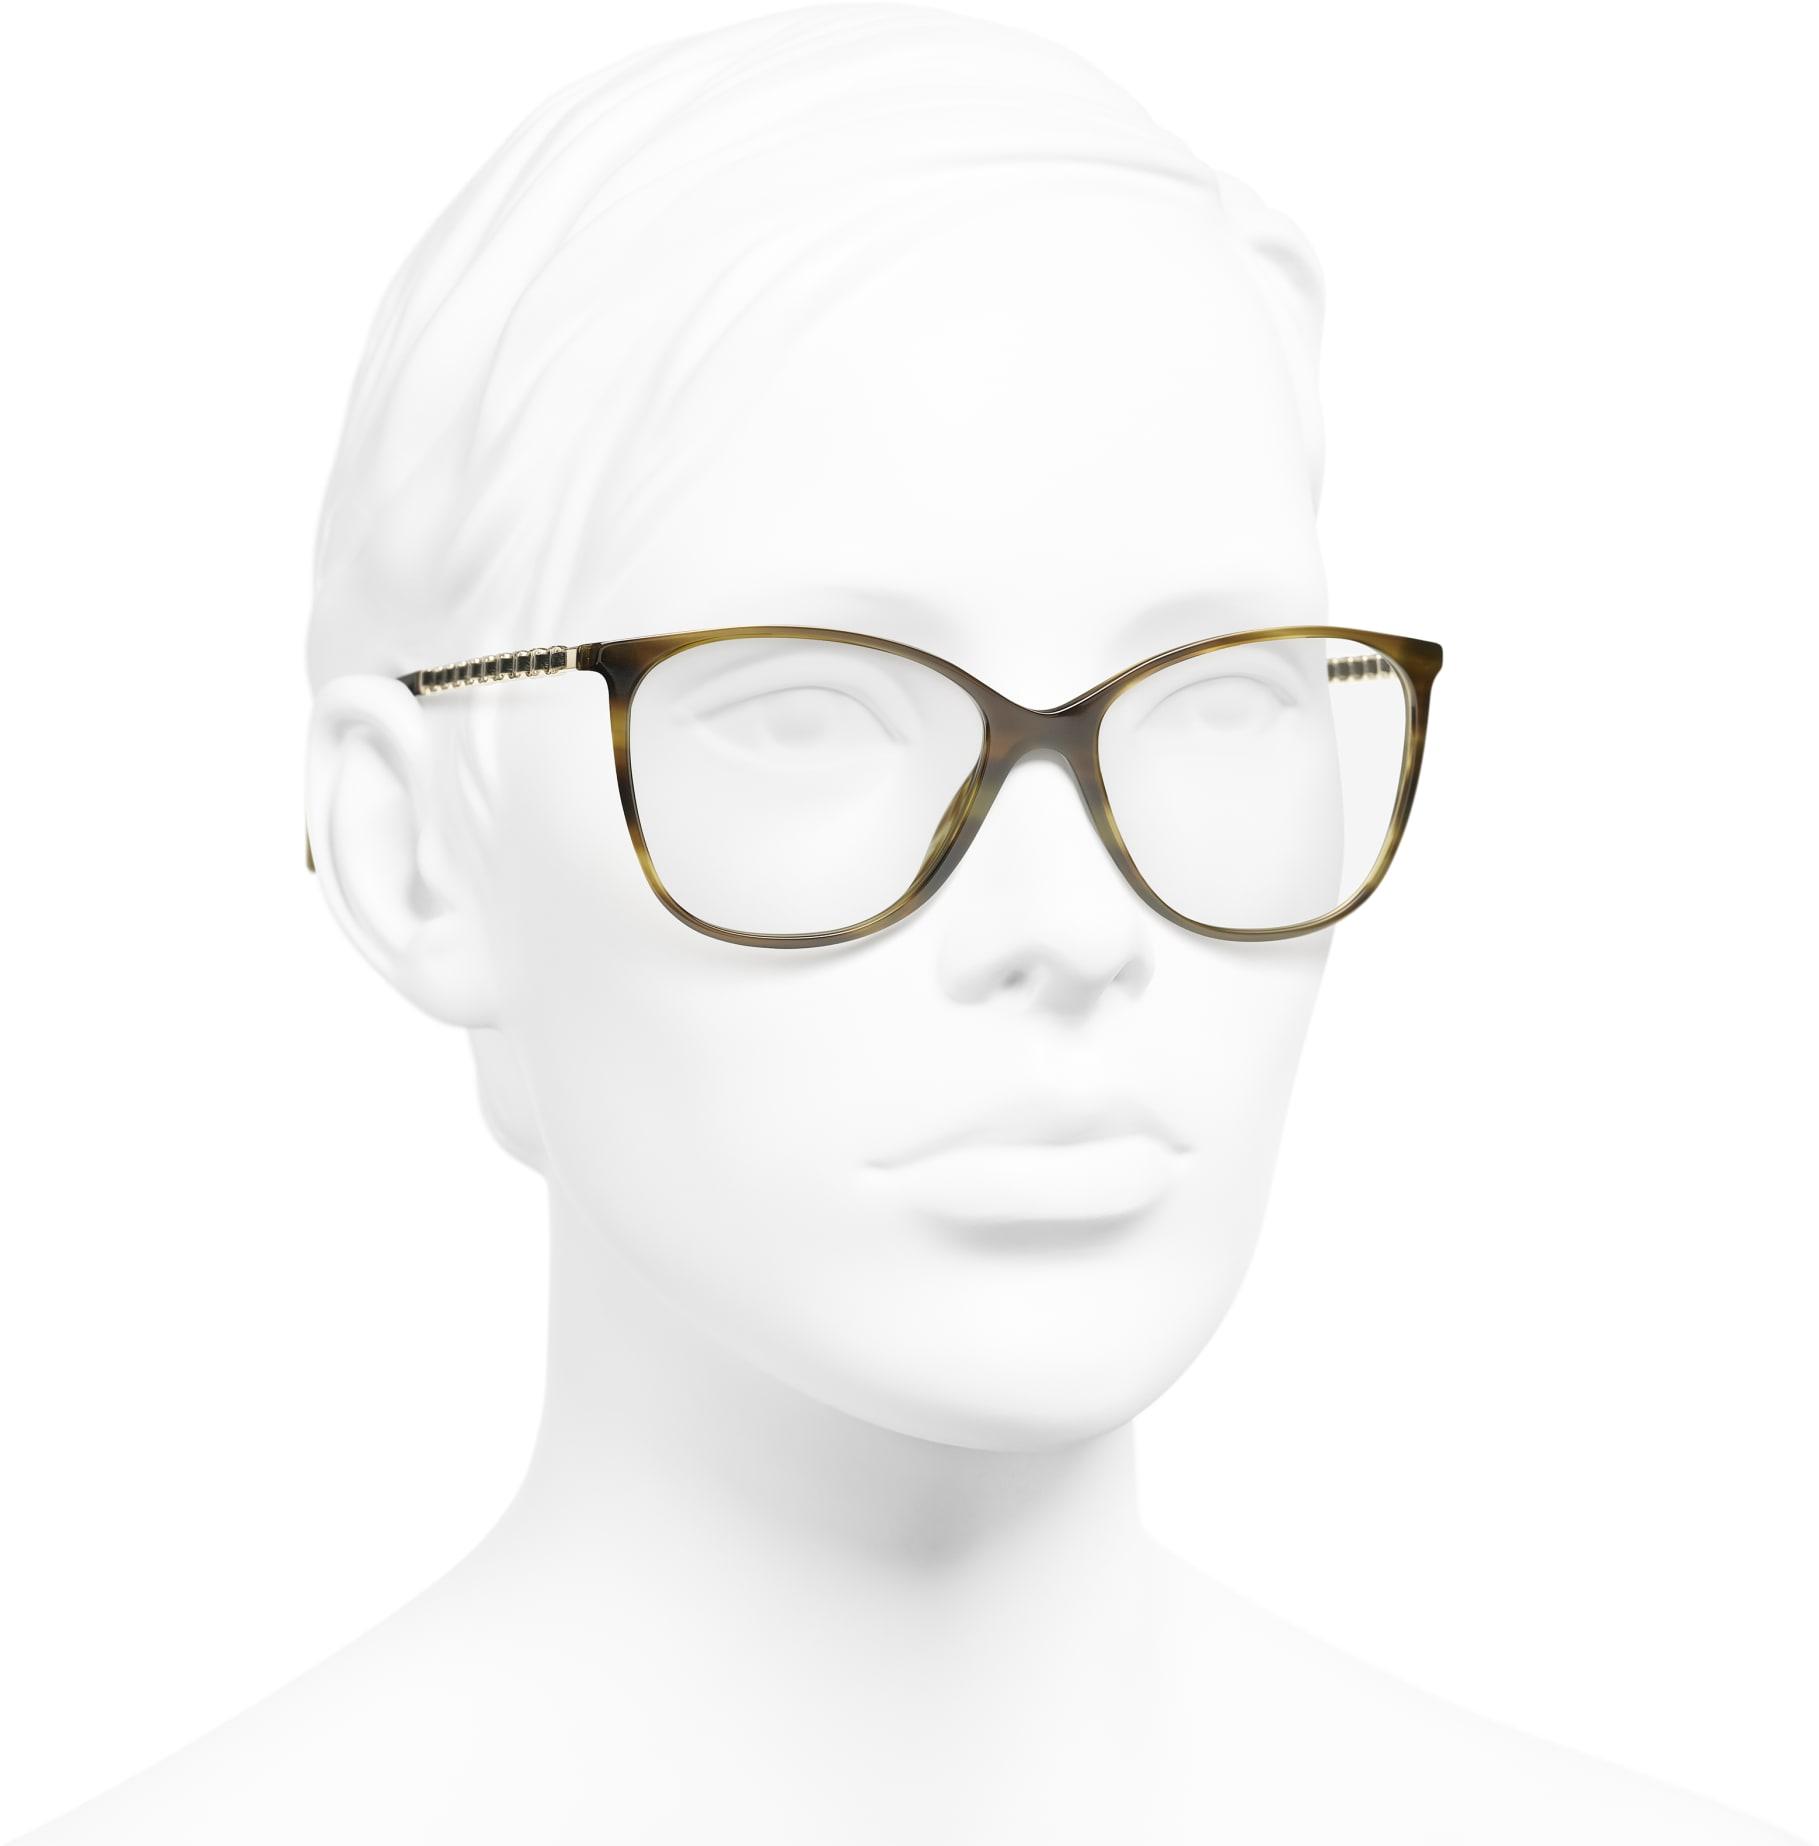 Square Eyeglasses